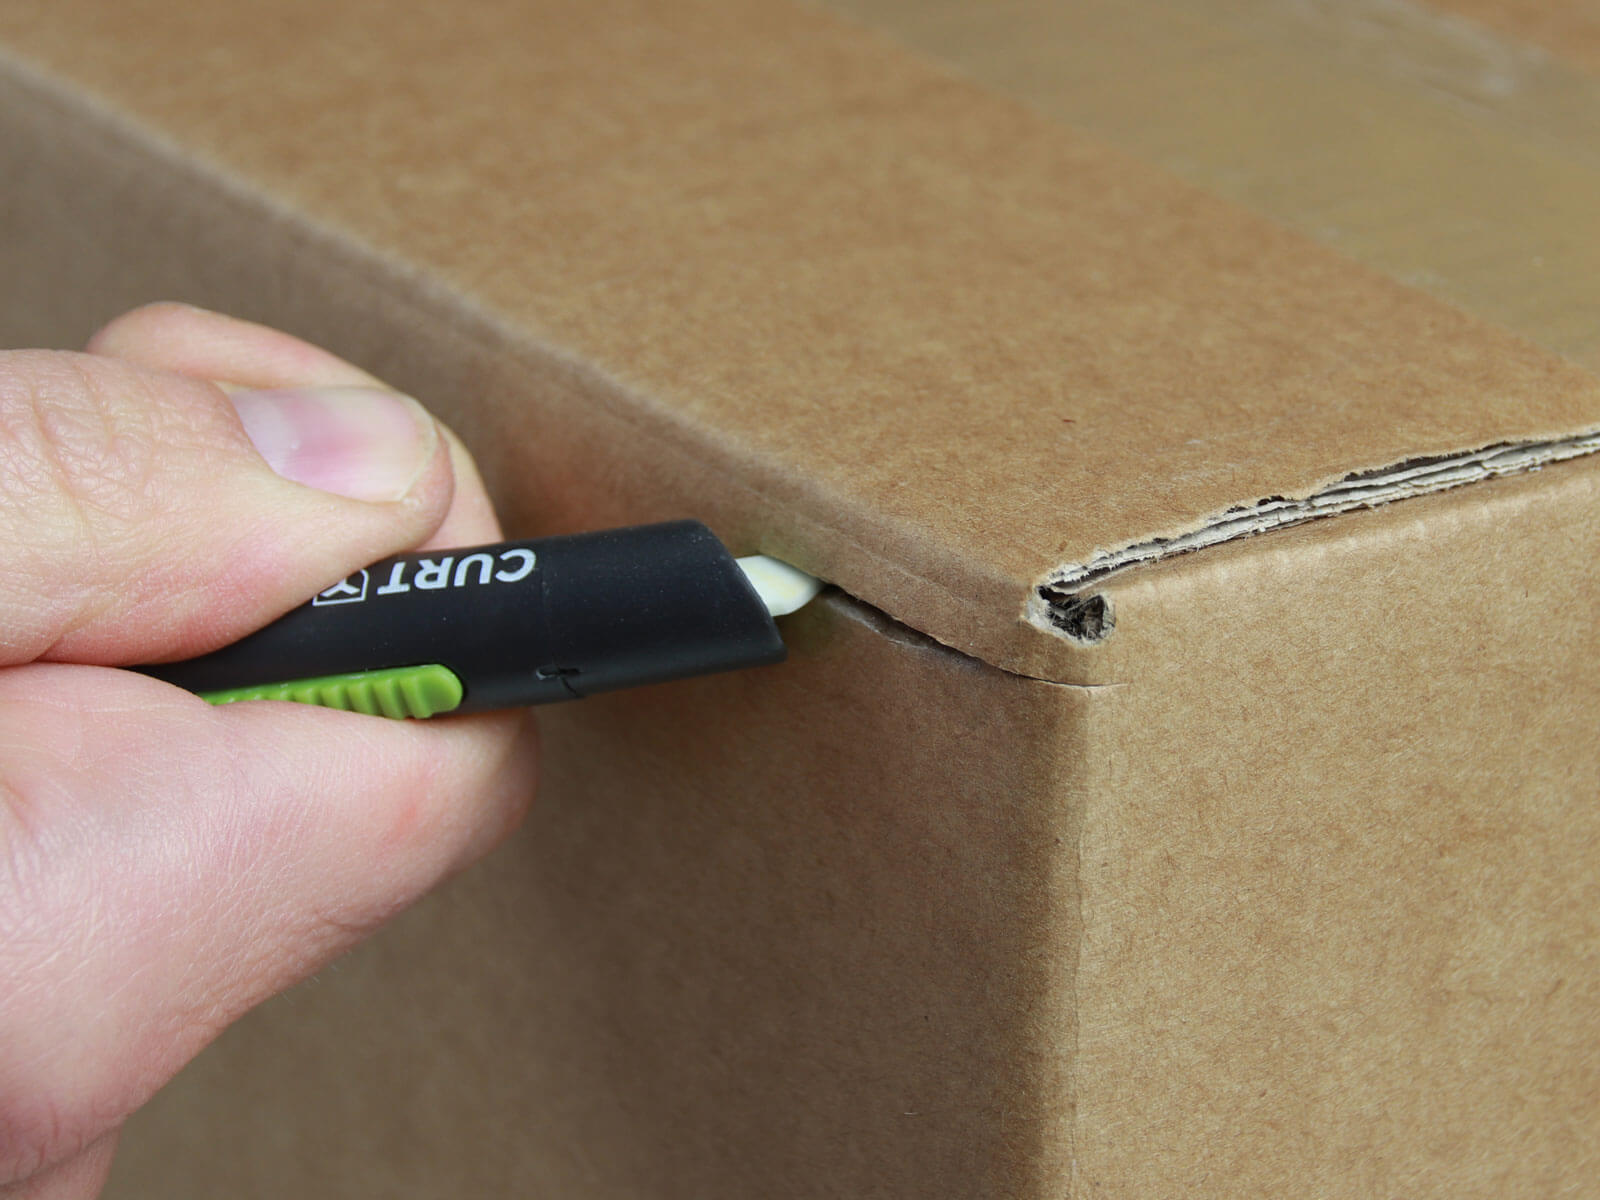 U008K Keramik Sicherheitsmesser automatischer Klingenrückzug mini Karton schneiden abdeckeln CURT-tools